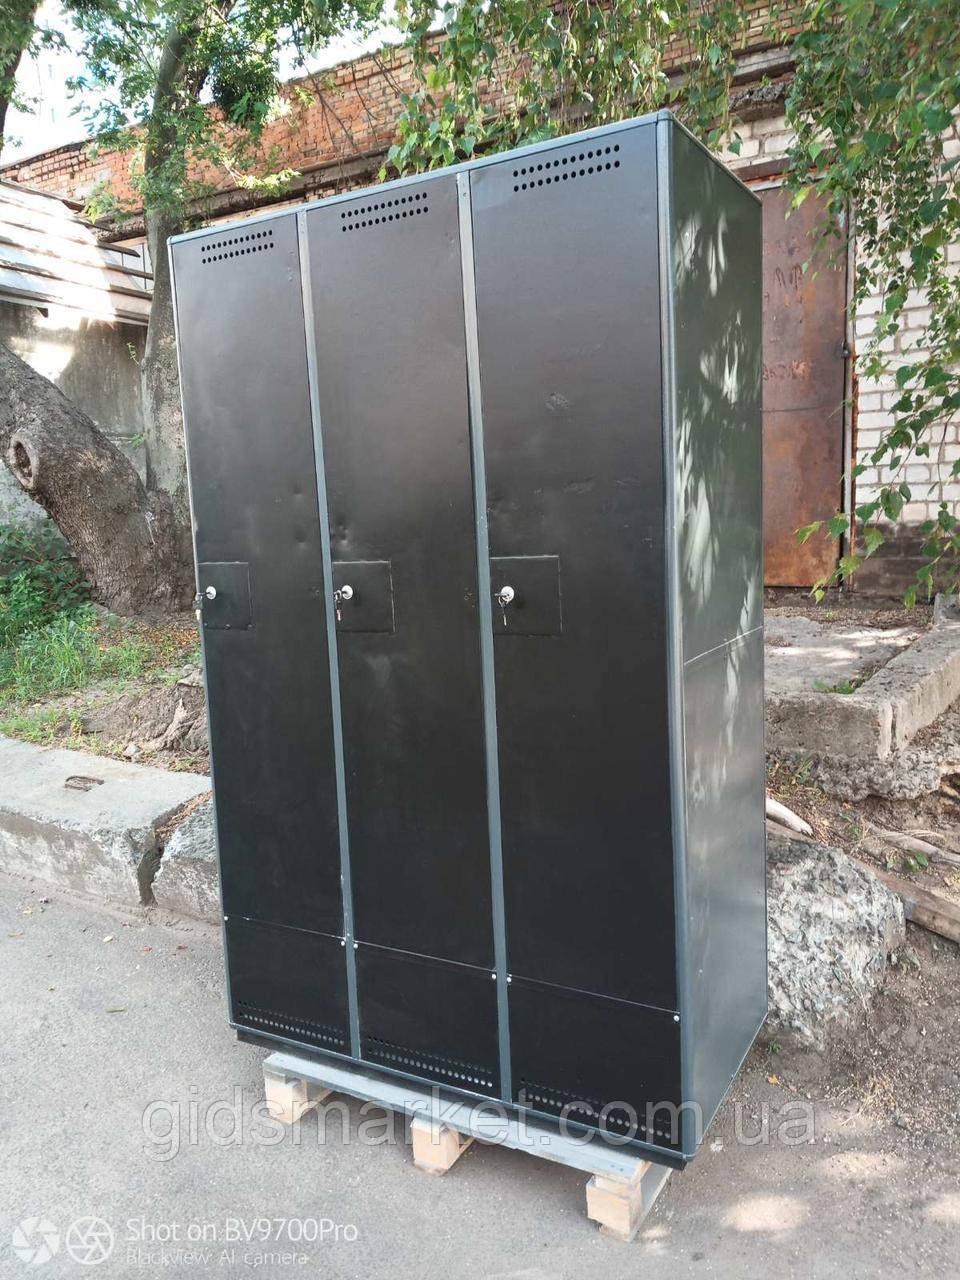 Шкаф для одежды сменной б у, металлический шкаф бу, шкаф б/у